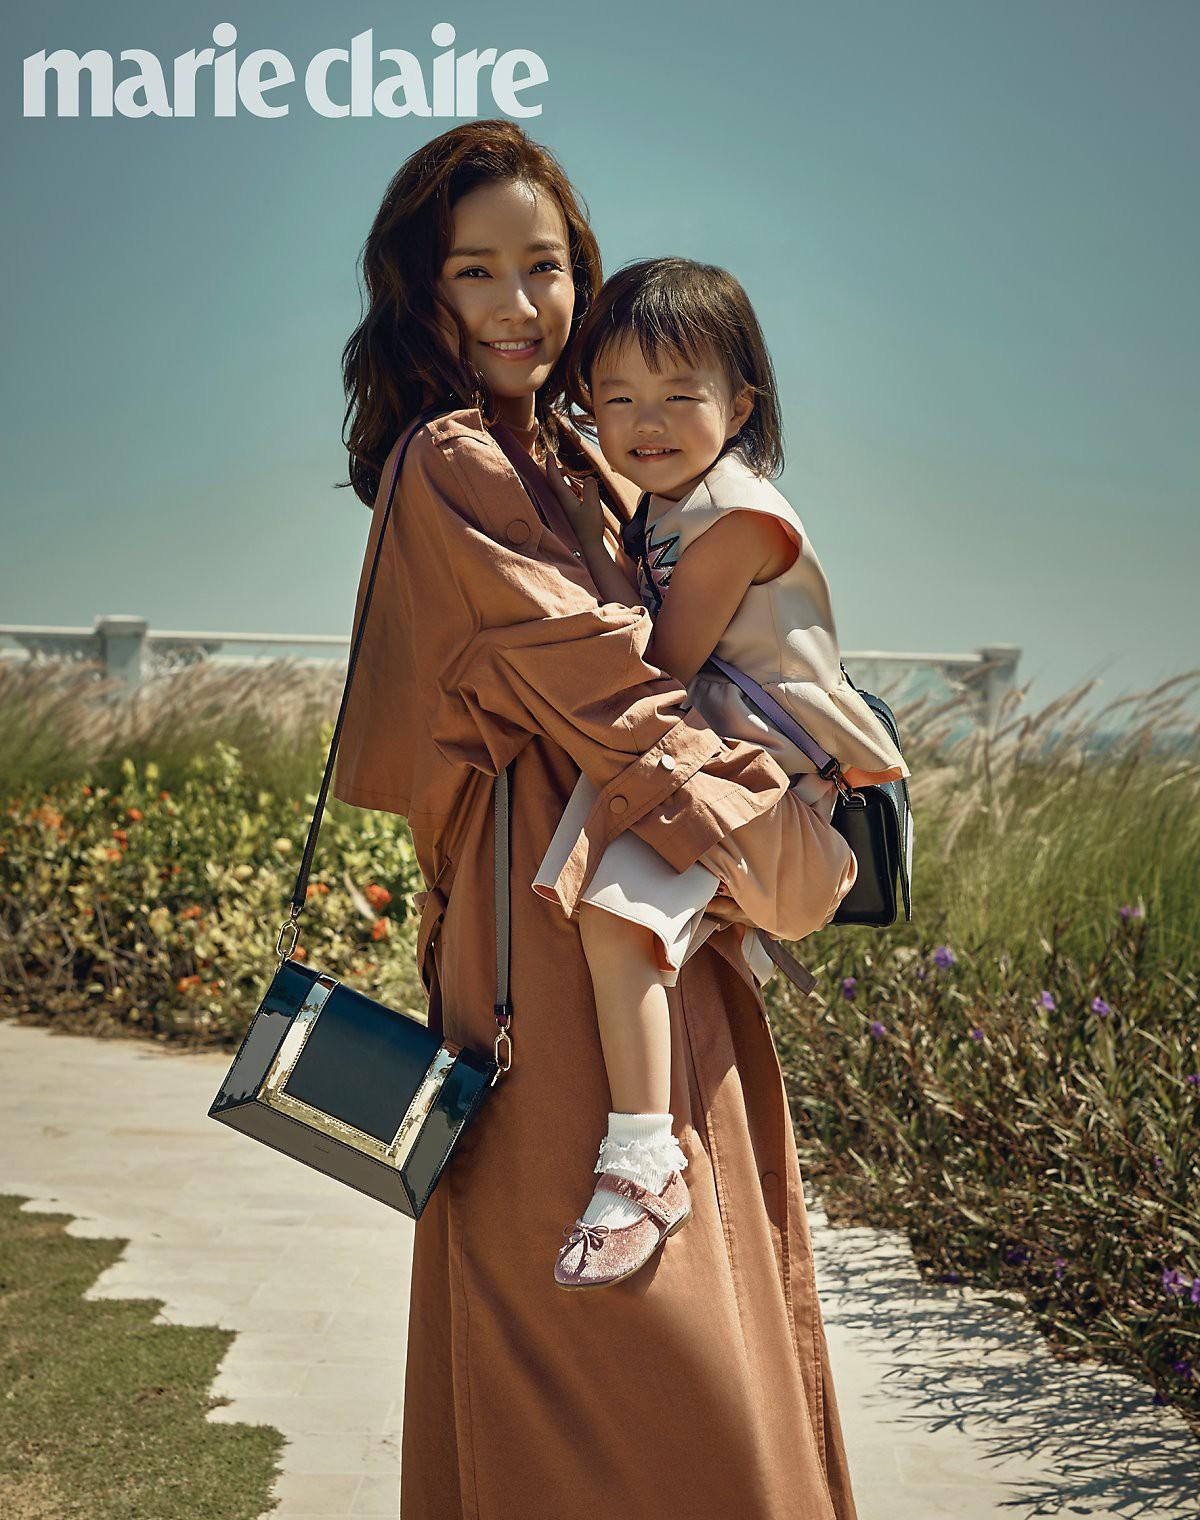 Ảnh kỷ niệm ngày cưới đẹp nhất xứ Hàn: Kwon Sang Woo, vợ Hoa hậu Hàn và 2 thiên thần sang như gia đình hoàng gia - Ảnh 5.